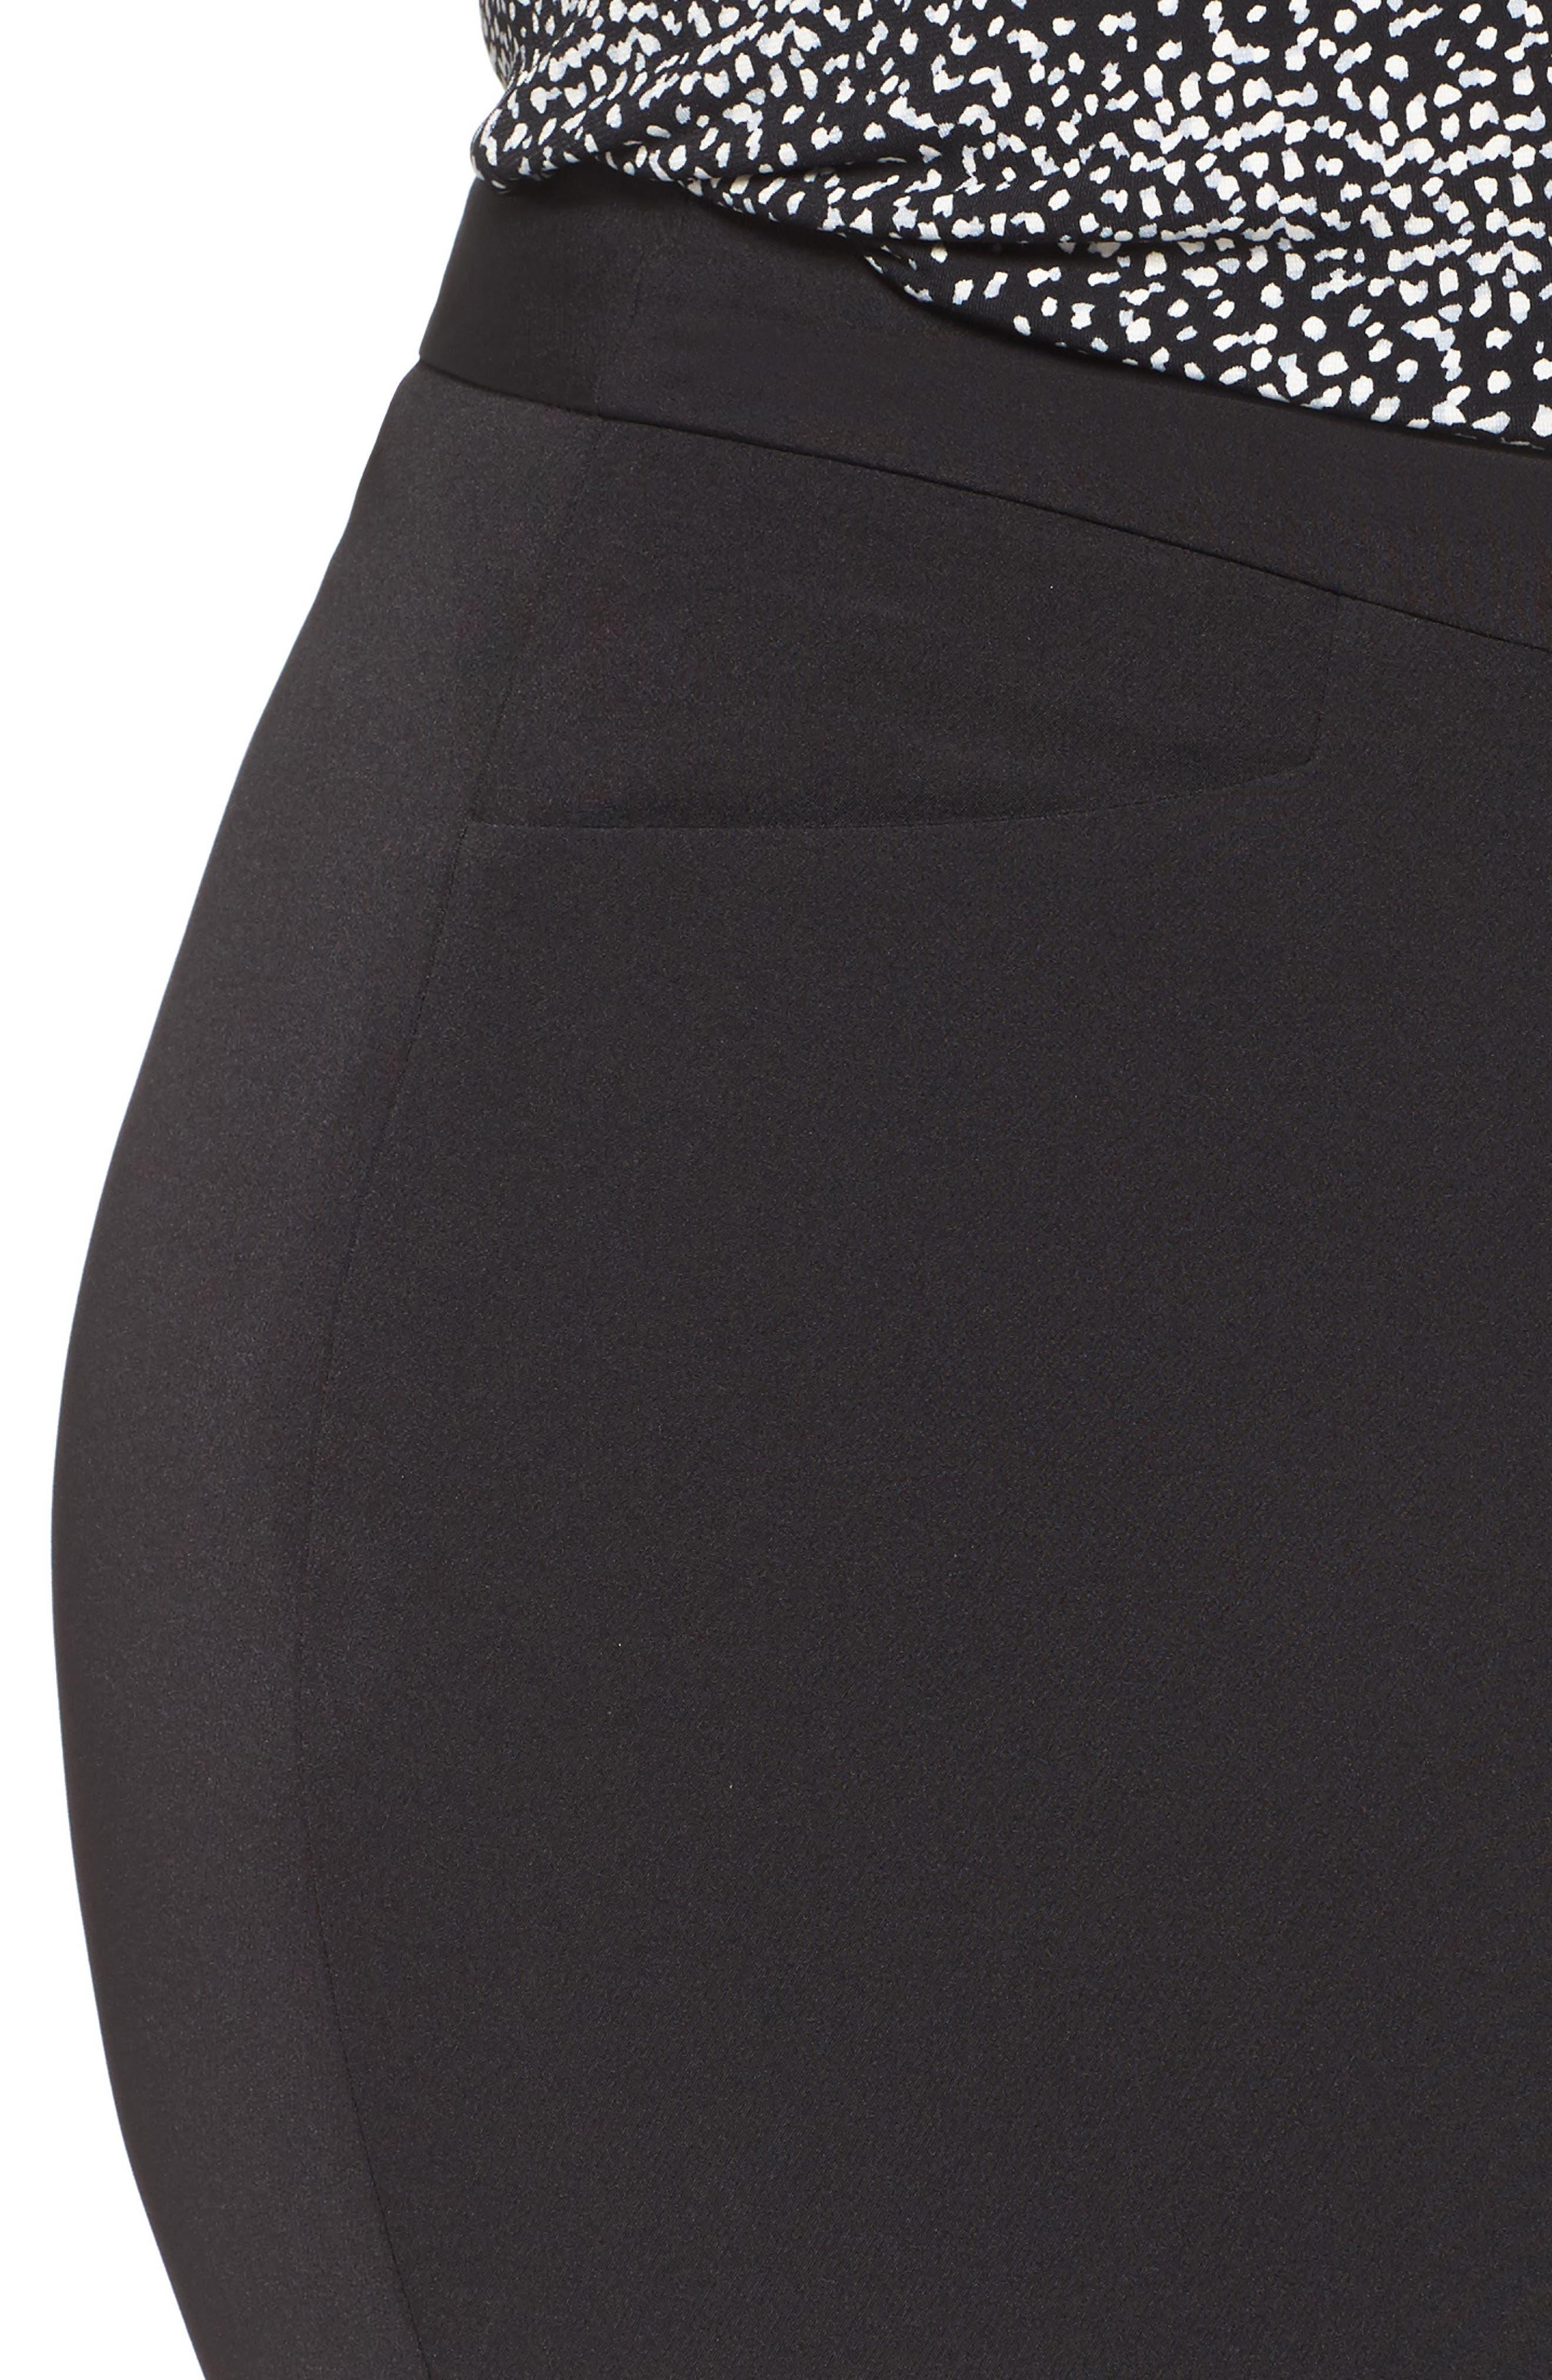 Ankle Pants,                             Alternate thumbnail 4, color,                             Rich Black